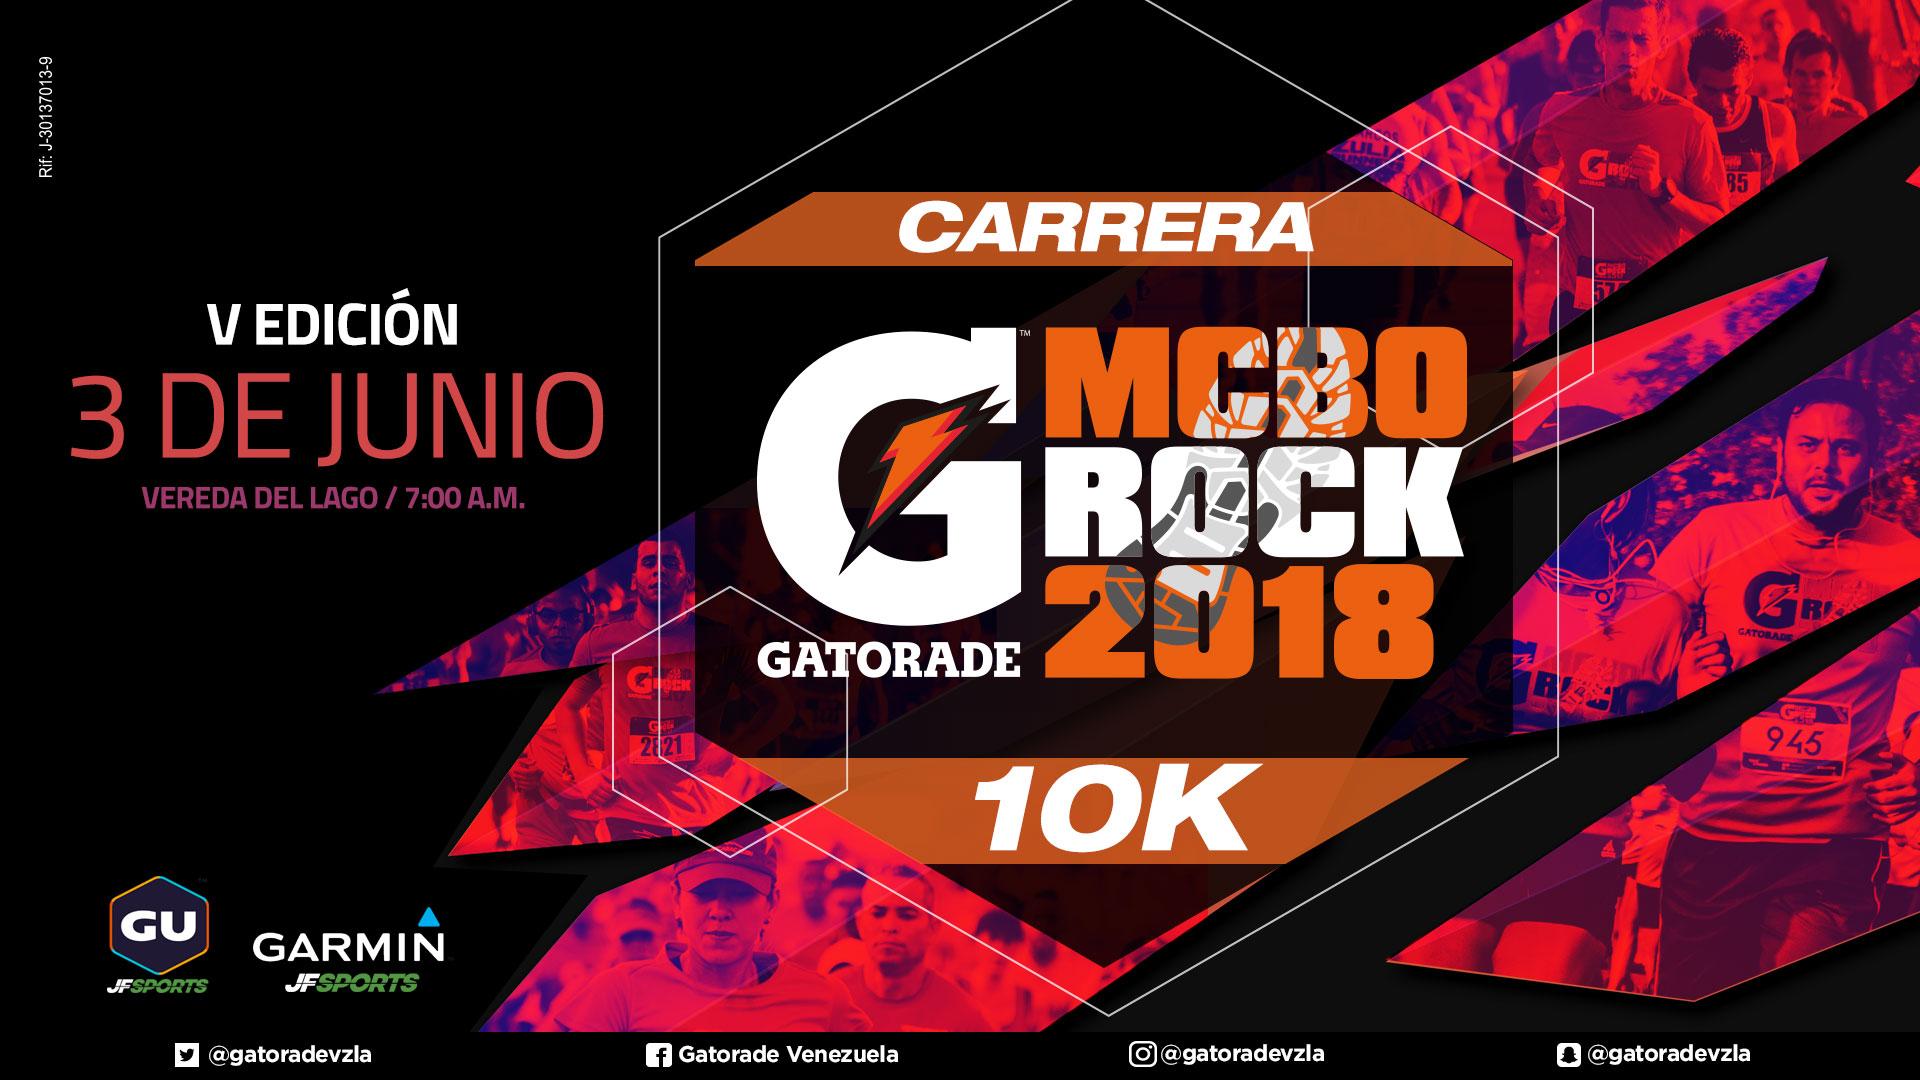 V Gatorade Maracaibo Rock